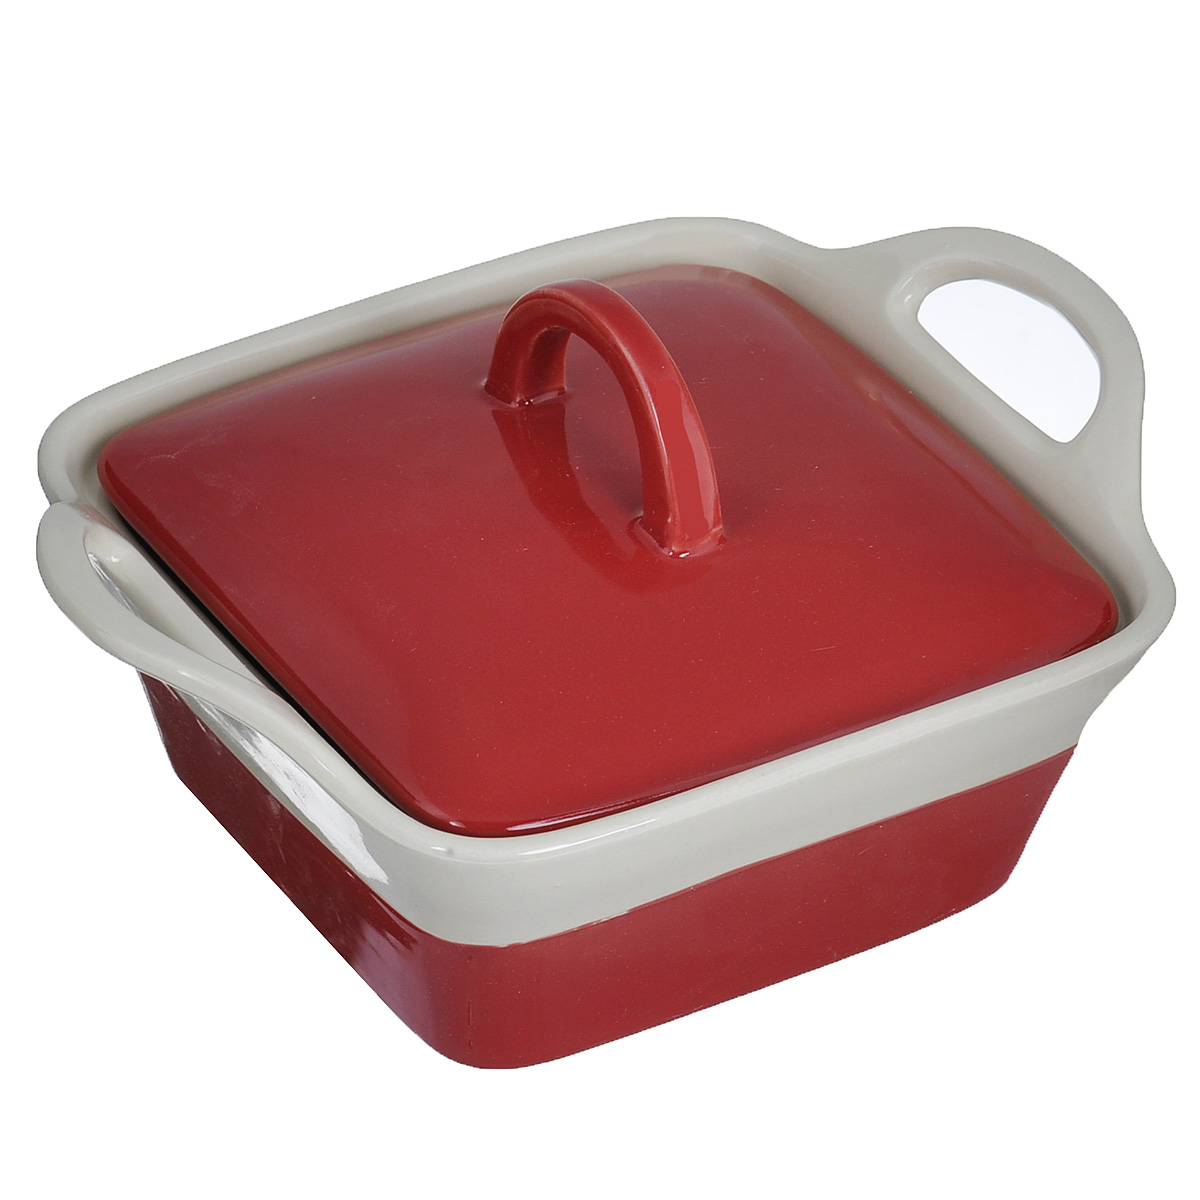 Кастрюля Mayer & Boch с крышкой, цвет: красный, бежевый, 680 мл21807Кастрюля Mayer & Boch изготовленная из жаропрочной керамики, подходит для любого вида пищи. Элегантный дизайн идеально подходит для современного дома. В комплект входит крышка из керамики.Изделия из керамики идеально подходят как для приготовления пищи, так и для подачи на стол. Материал не содержит свинца и кадмия. С такой кастрюлей вы всегда сможете порадовать своих близких оригинальным блюдом.Кастрюлю можно использовать на газовой, электрической плите и в микроволновой печи. Можно мыть в посудомоечной машине. Размер кастрюли: 15,5 см х 15,5 см.Ширина кастрюли (с учетом ручек): 22 см.Высота стенок: 7 см.